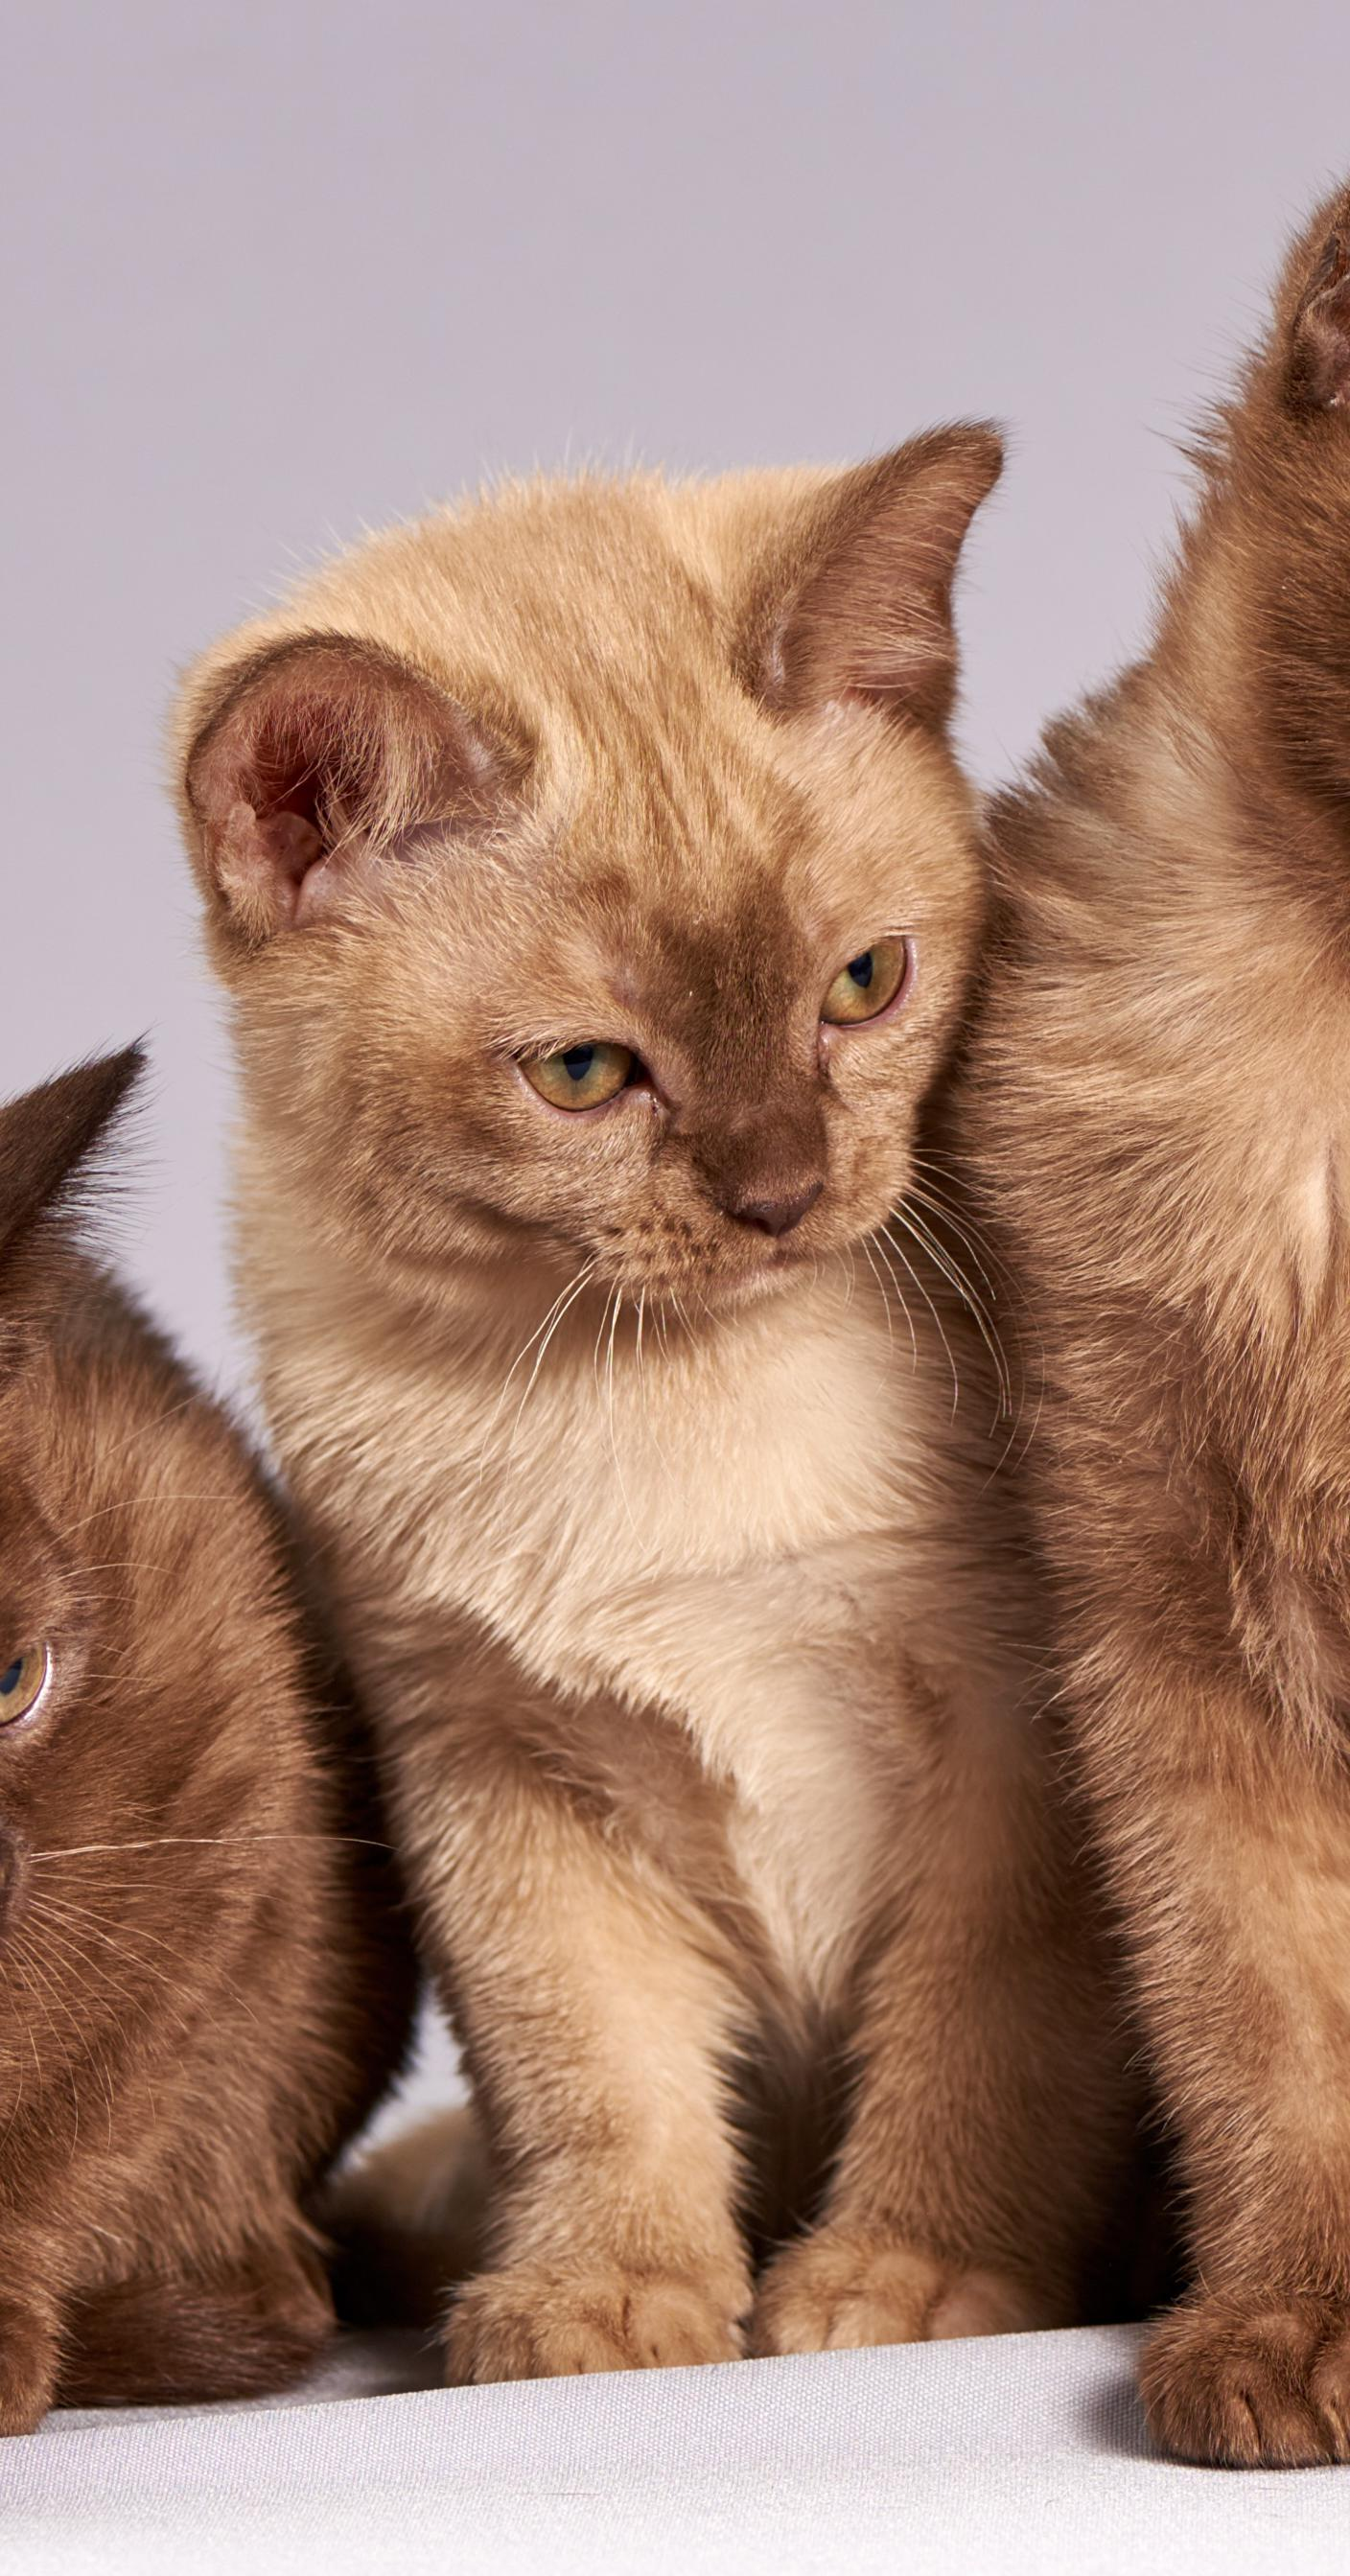 cat-301723_1crop.jpg